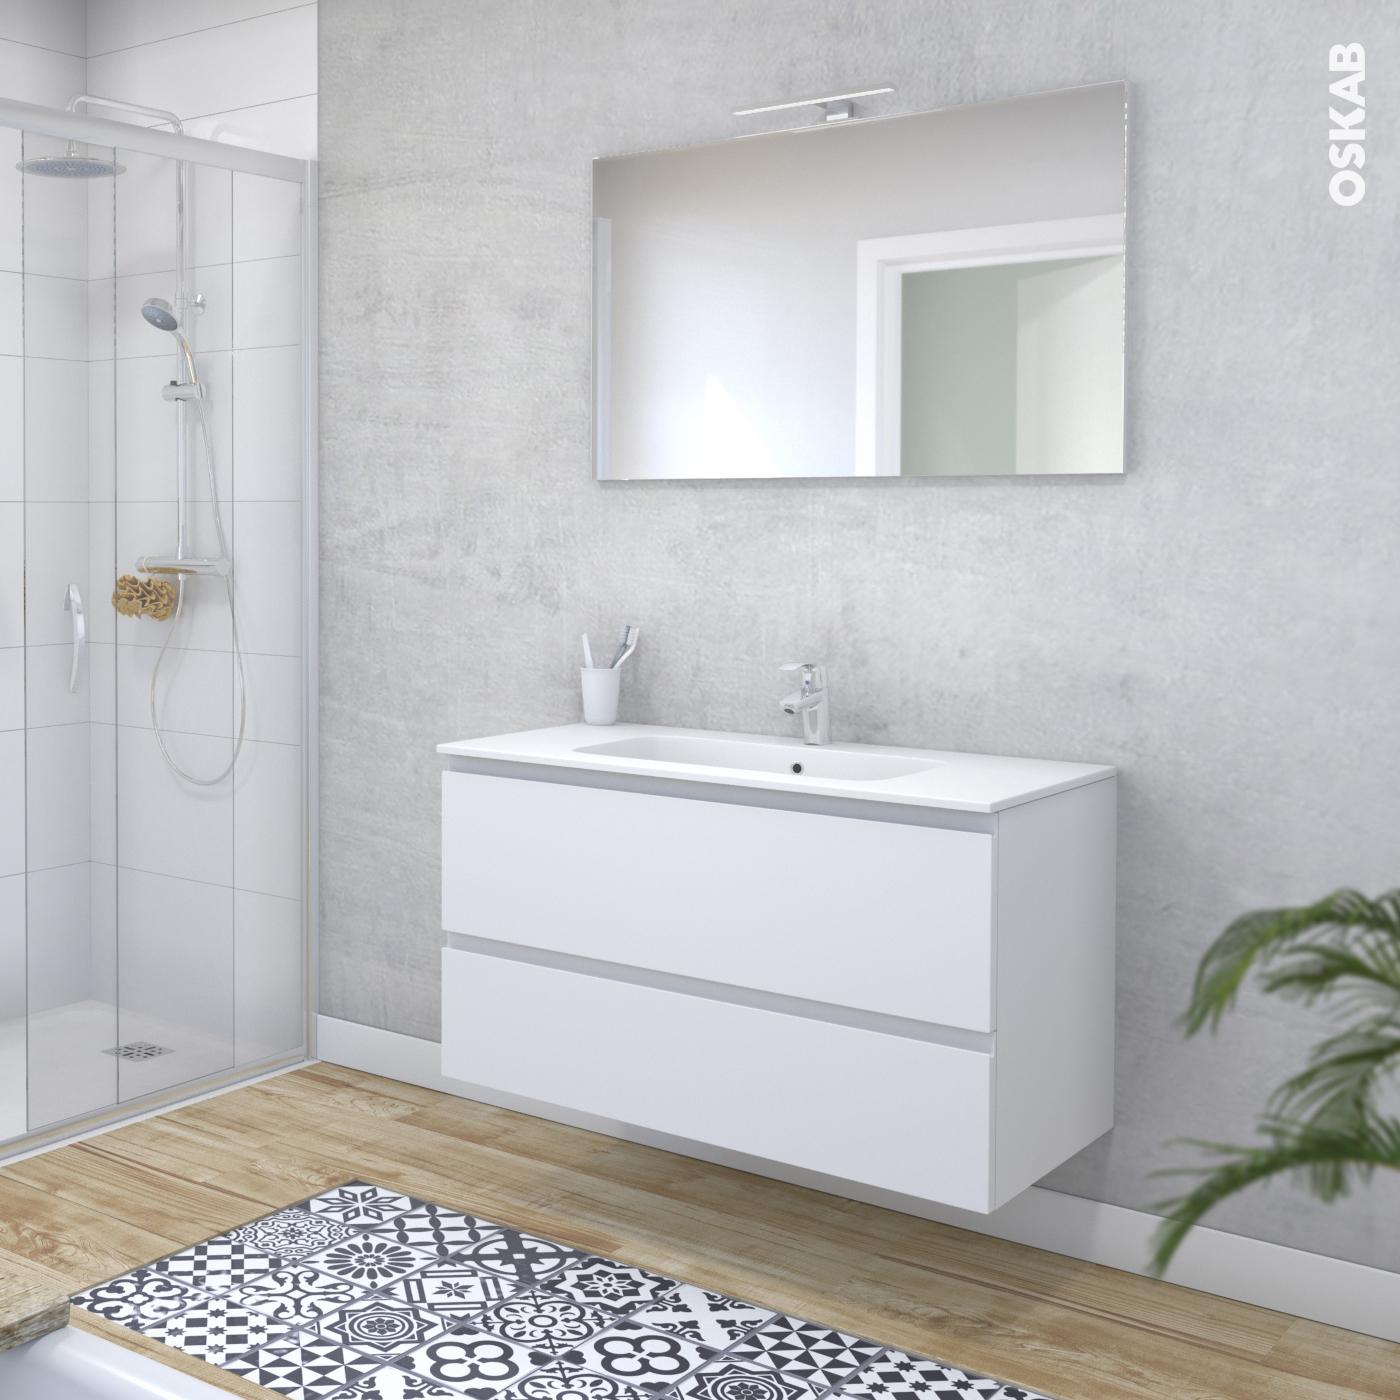 Evier Meuble Salle De Bain ensemble salle de bains meuble ipoma blanc mat plan vasque résine, miroir  et éclairage, l100,5 x h58,5 x p50,5 cm